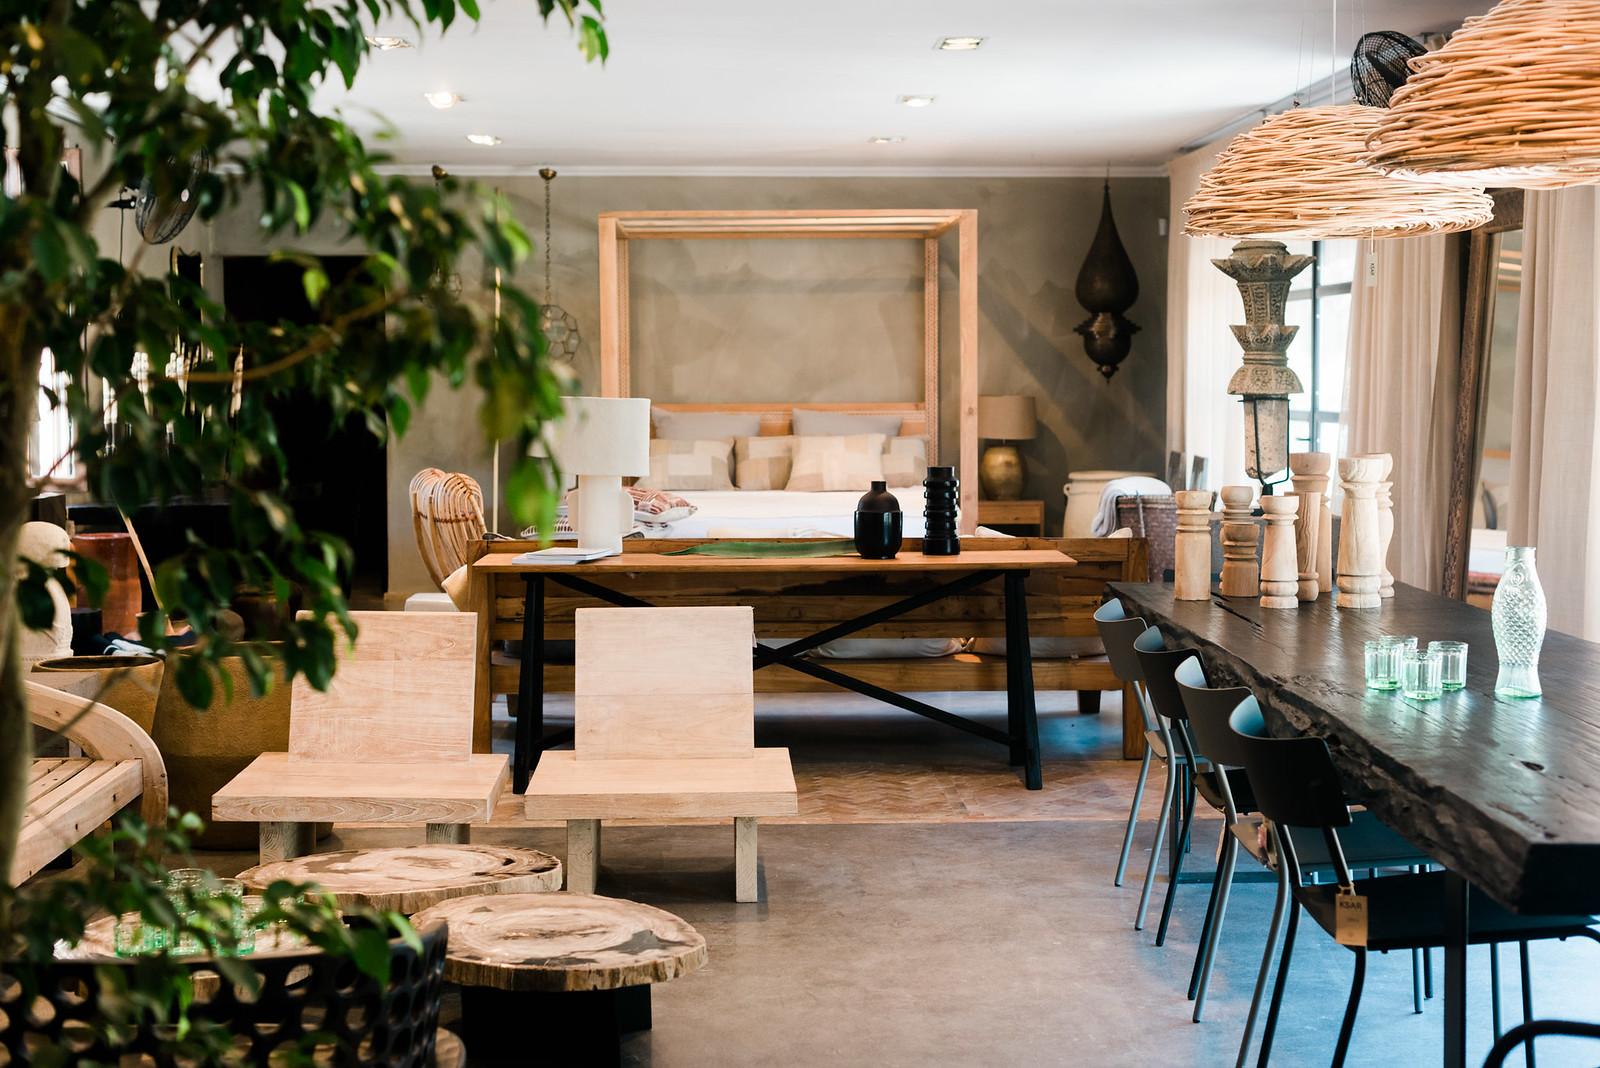 https://www.white-ibiza.com/wp-content/uploads/2020/06/white-ibiza-interiors-decor-ksar-living-2020-14.jpg